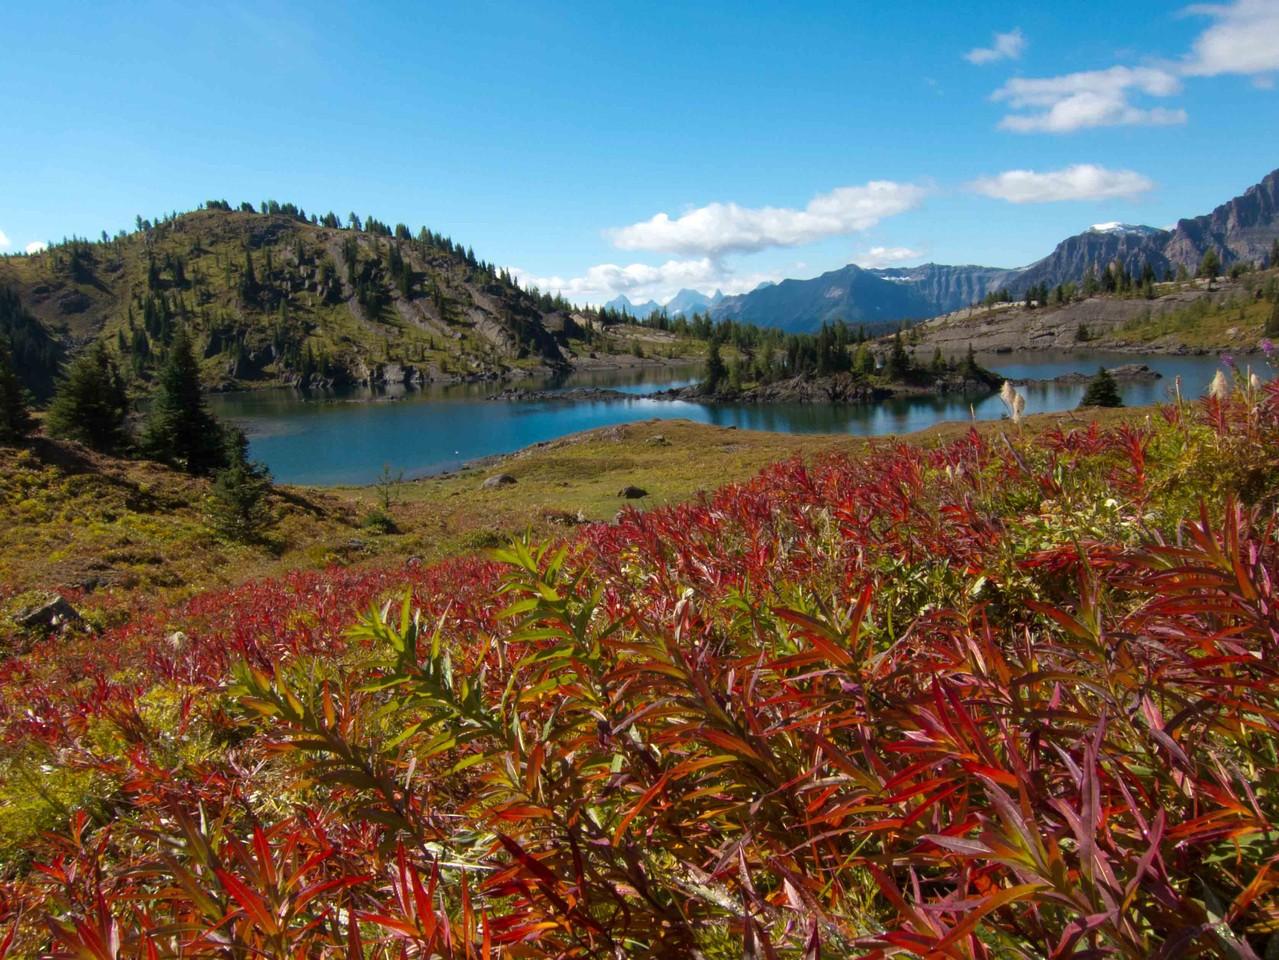 ヤナギランの紅葉とロックアイルレイク、サンシャインメドウハイク